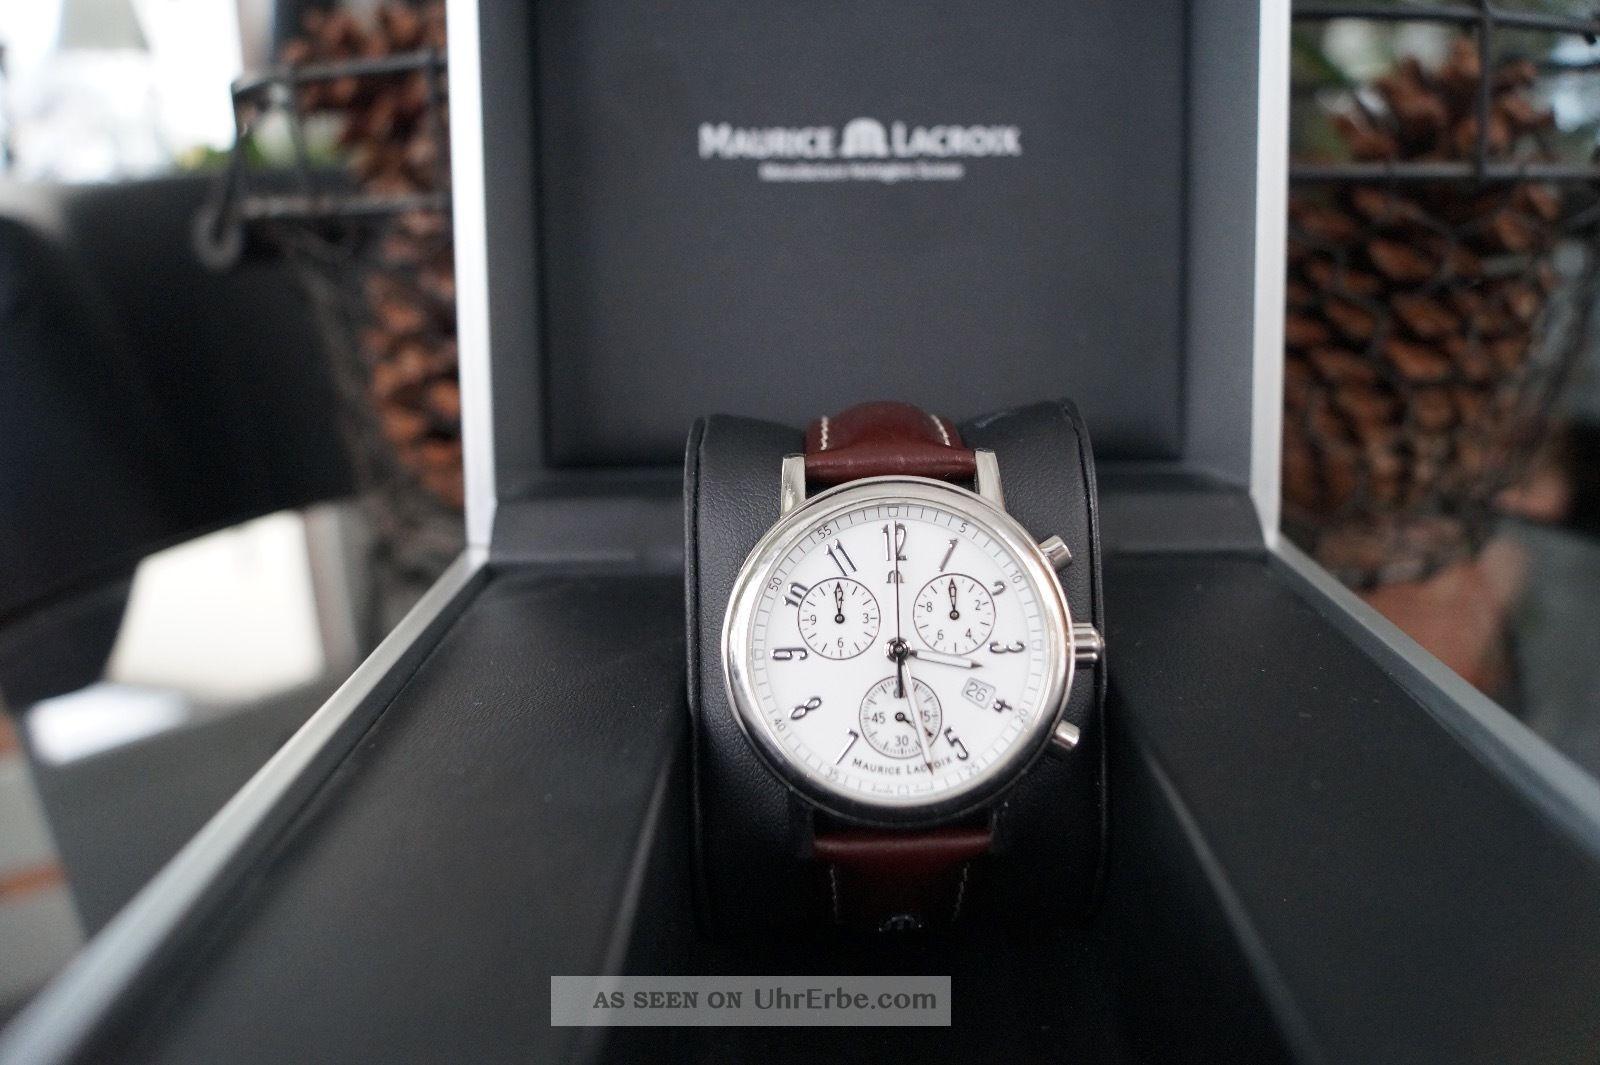 Maurice Lacroix Les Classiques - Lc1038 - Armbanduhr - Uhr - Weiß Armbanduhren Bild